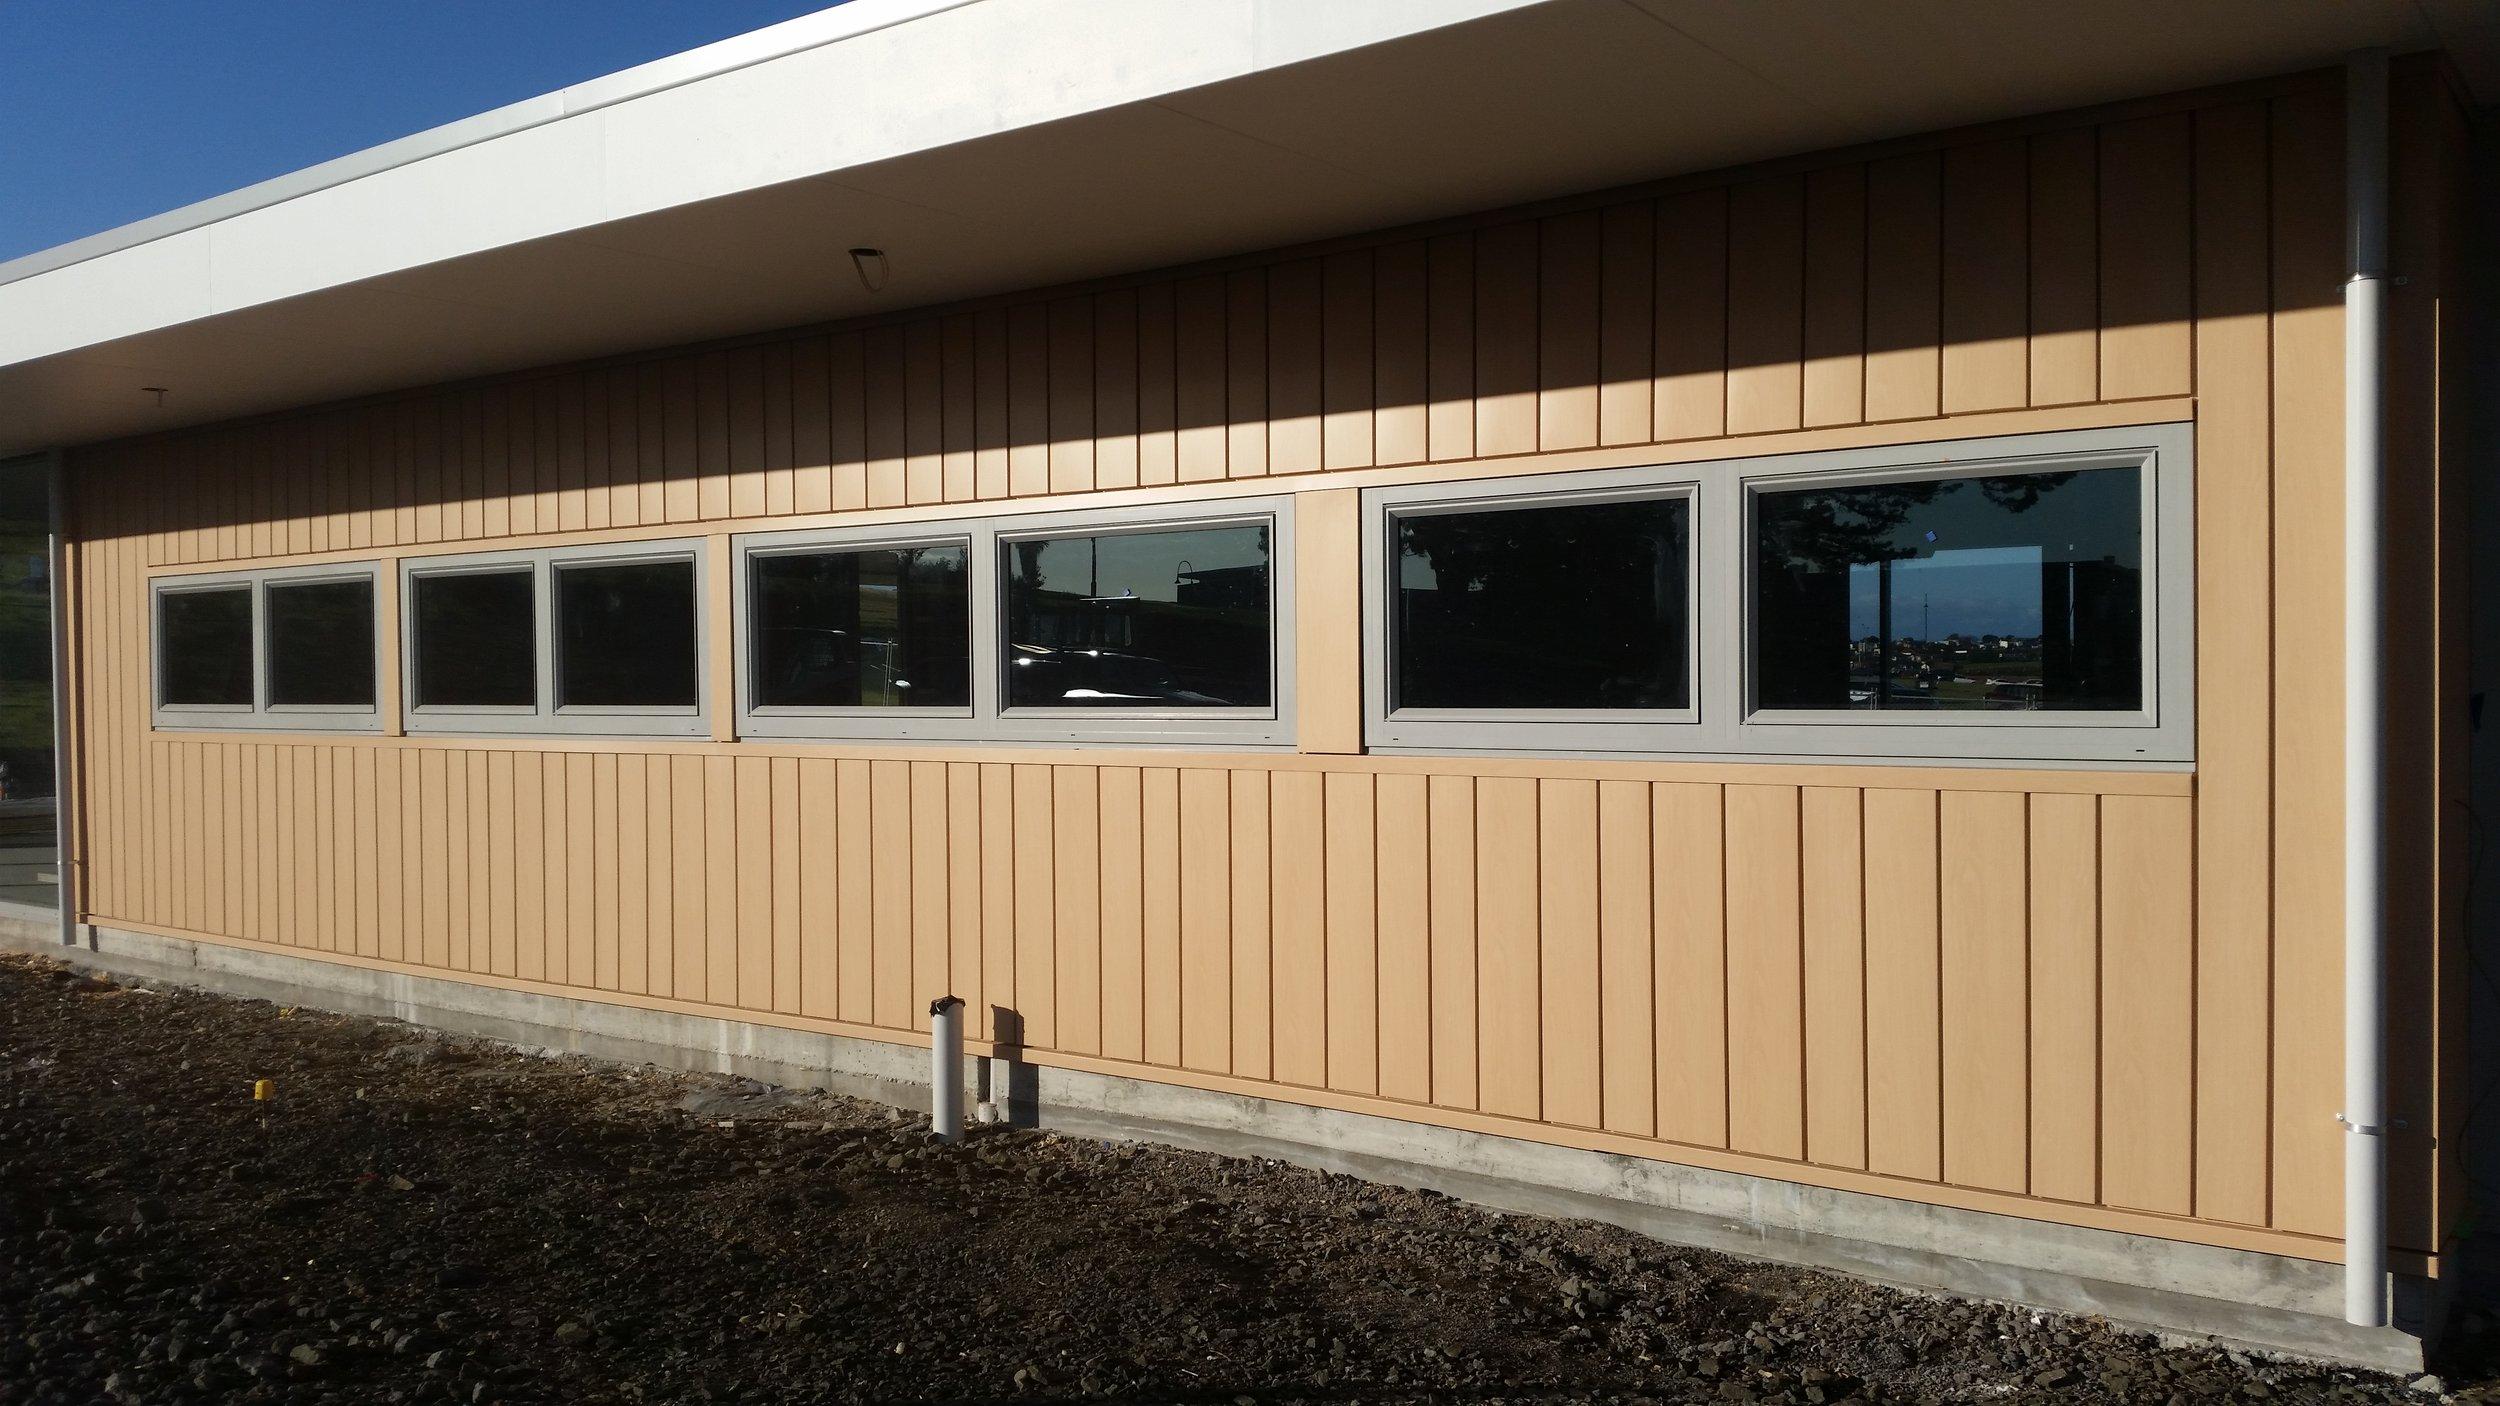 The-Roofing-Store-Steel-Metal-Interlocking-Panel-Lux-Light-Wood-3.jpg.jpg